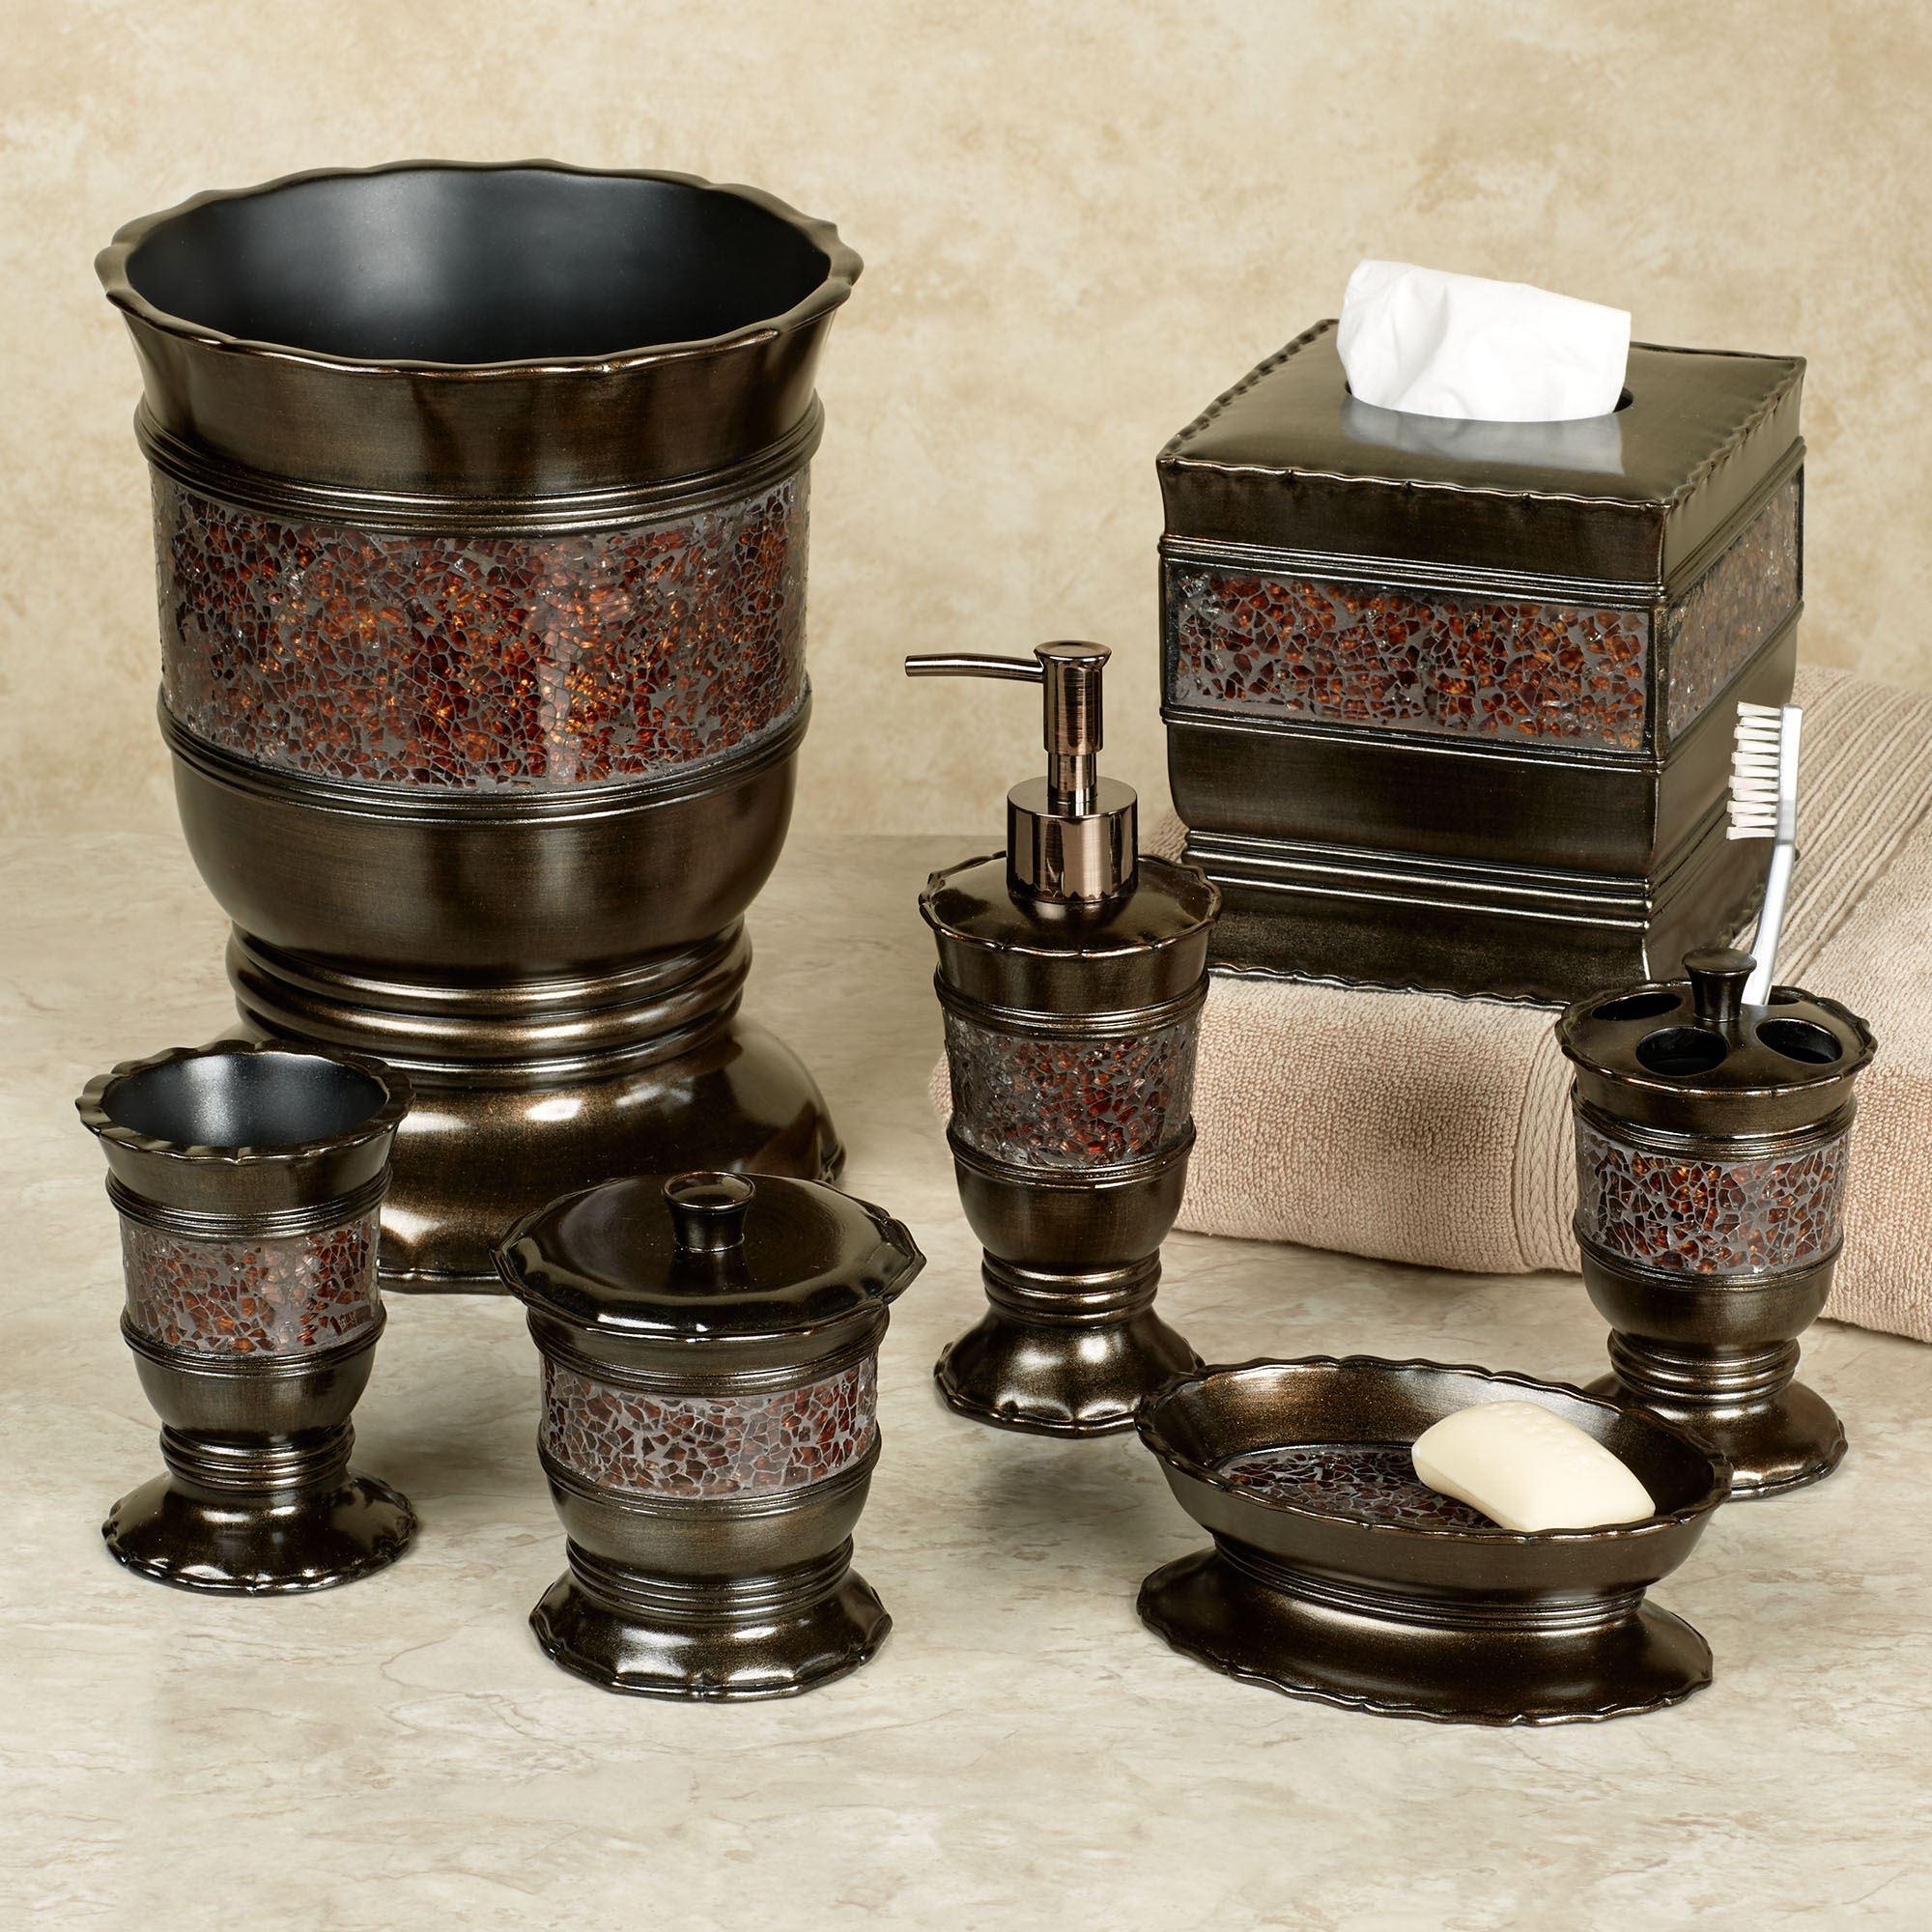 Best ideas about Bronze Bathroom Accessories . Save or Pin Prescott Bronze Bath Accessories Now.